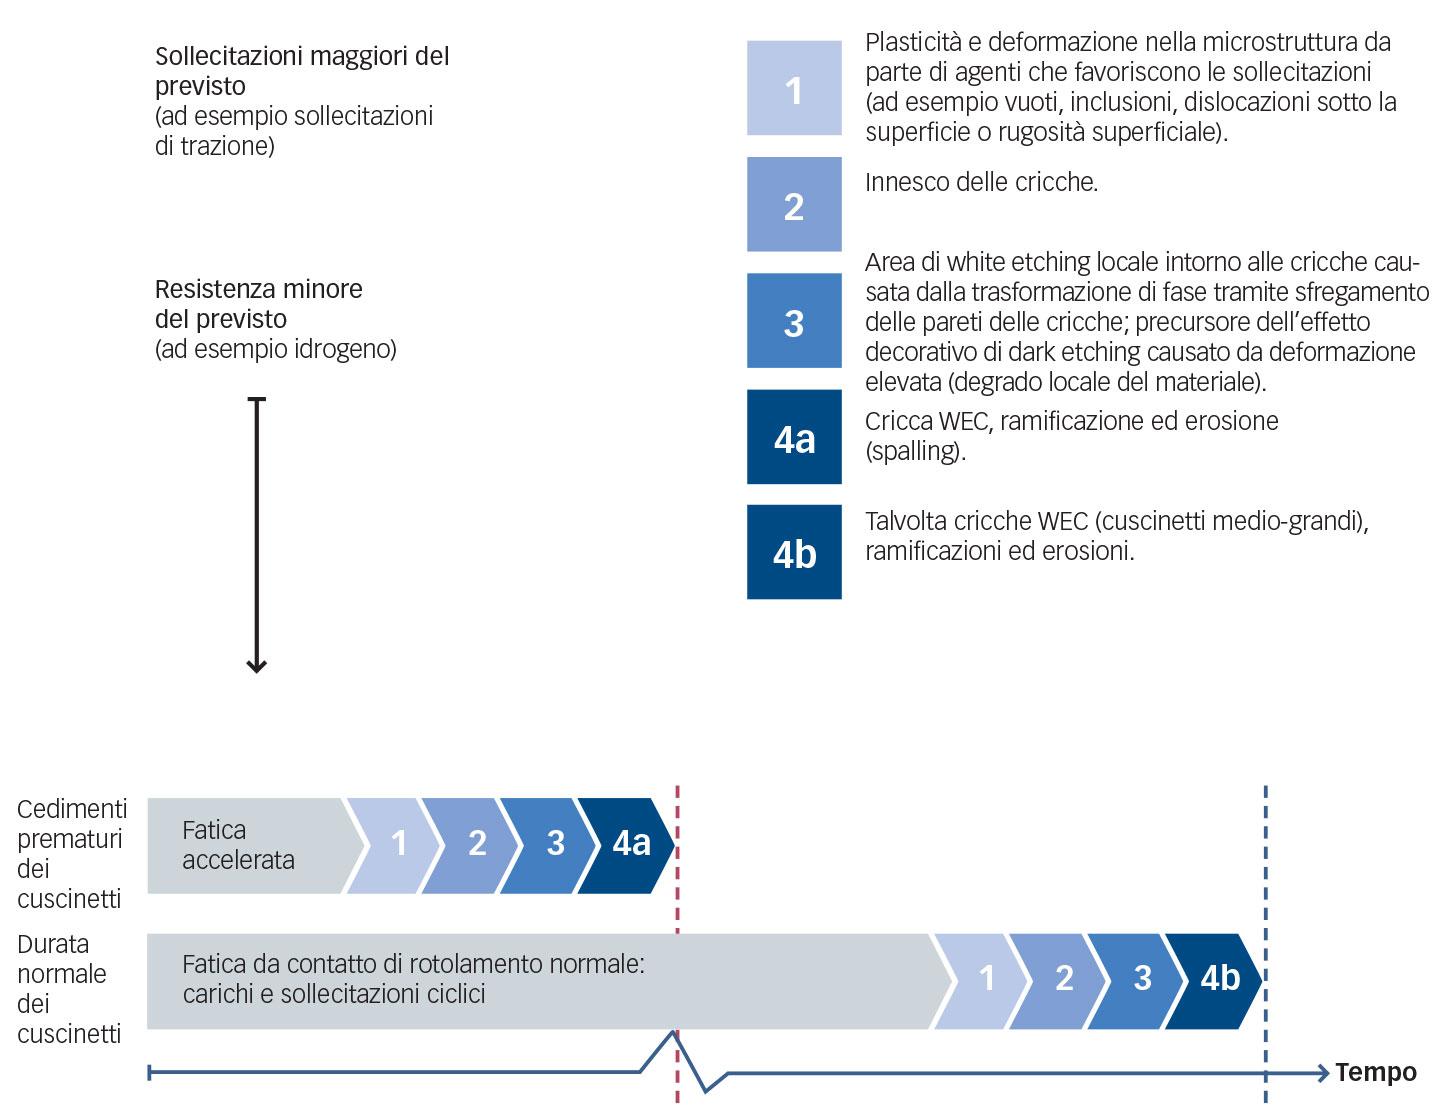 Sequenza semplificata degli eventi che portano alla formazione di cricche WEC.